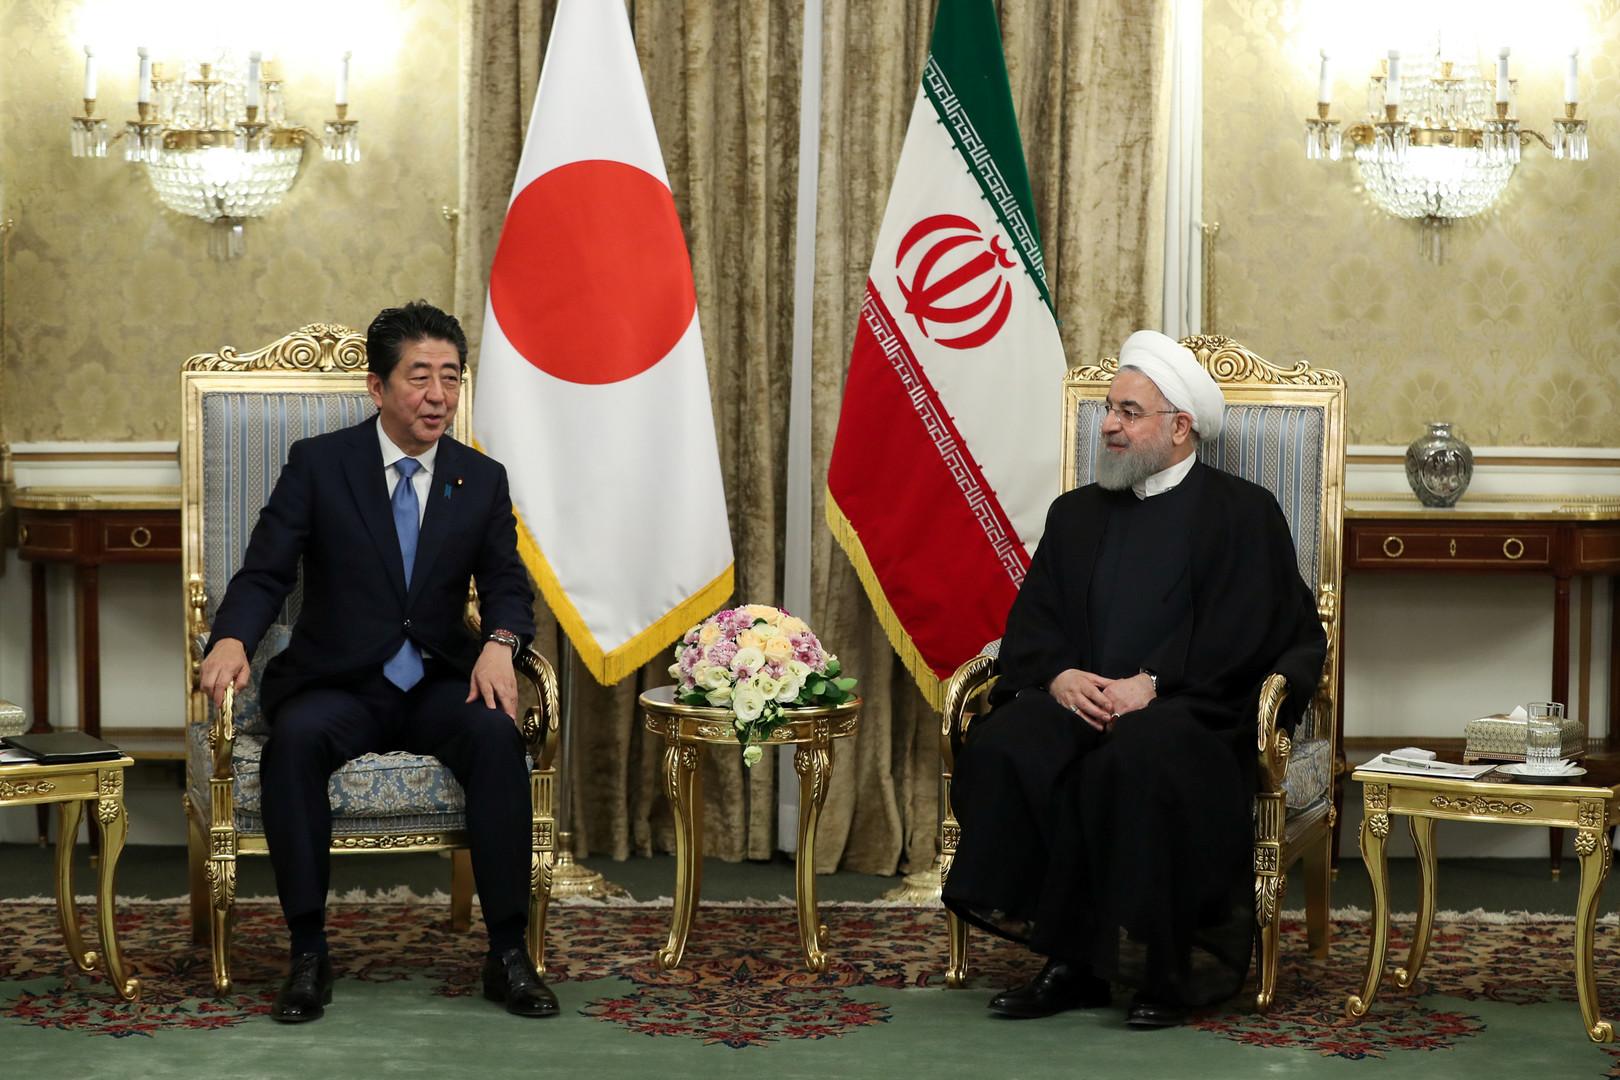 روحاني: تصرفات أمريكا تهدد استقرار الشرق الأوسط